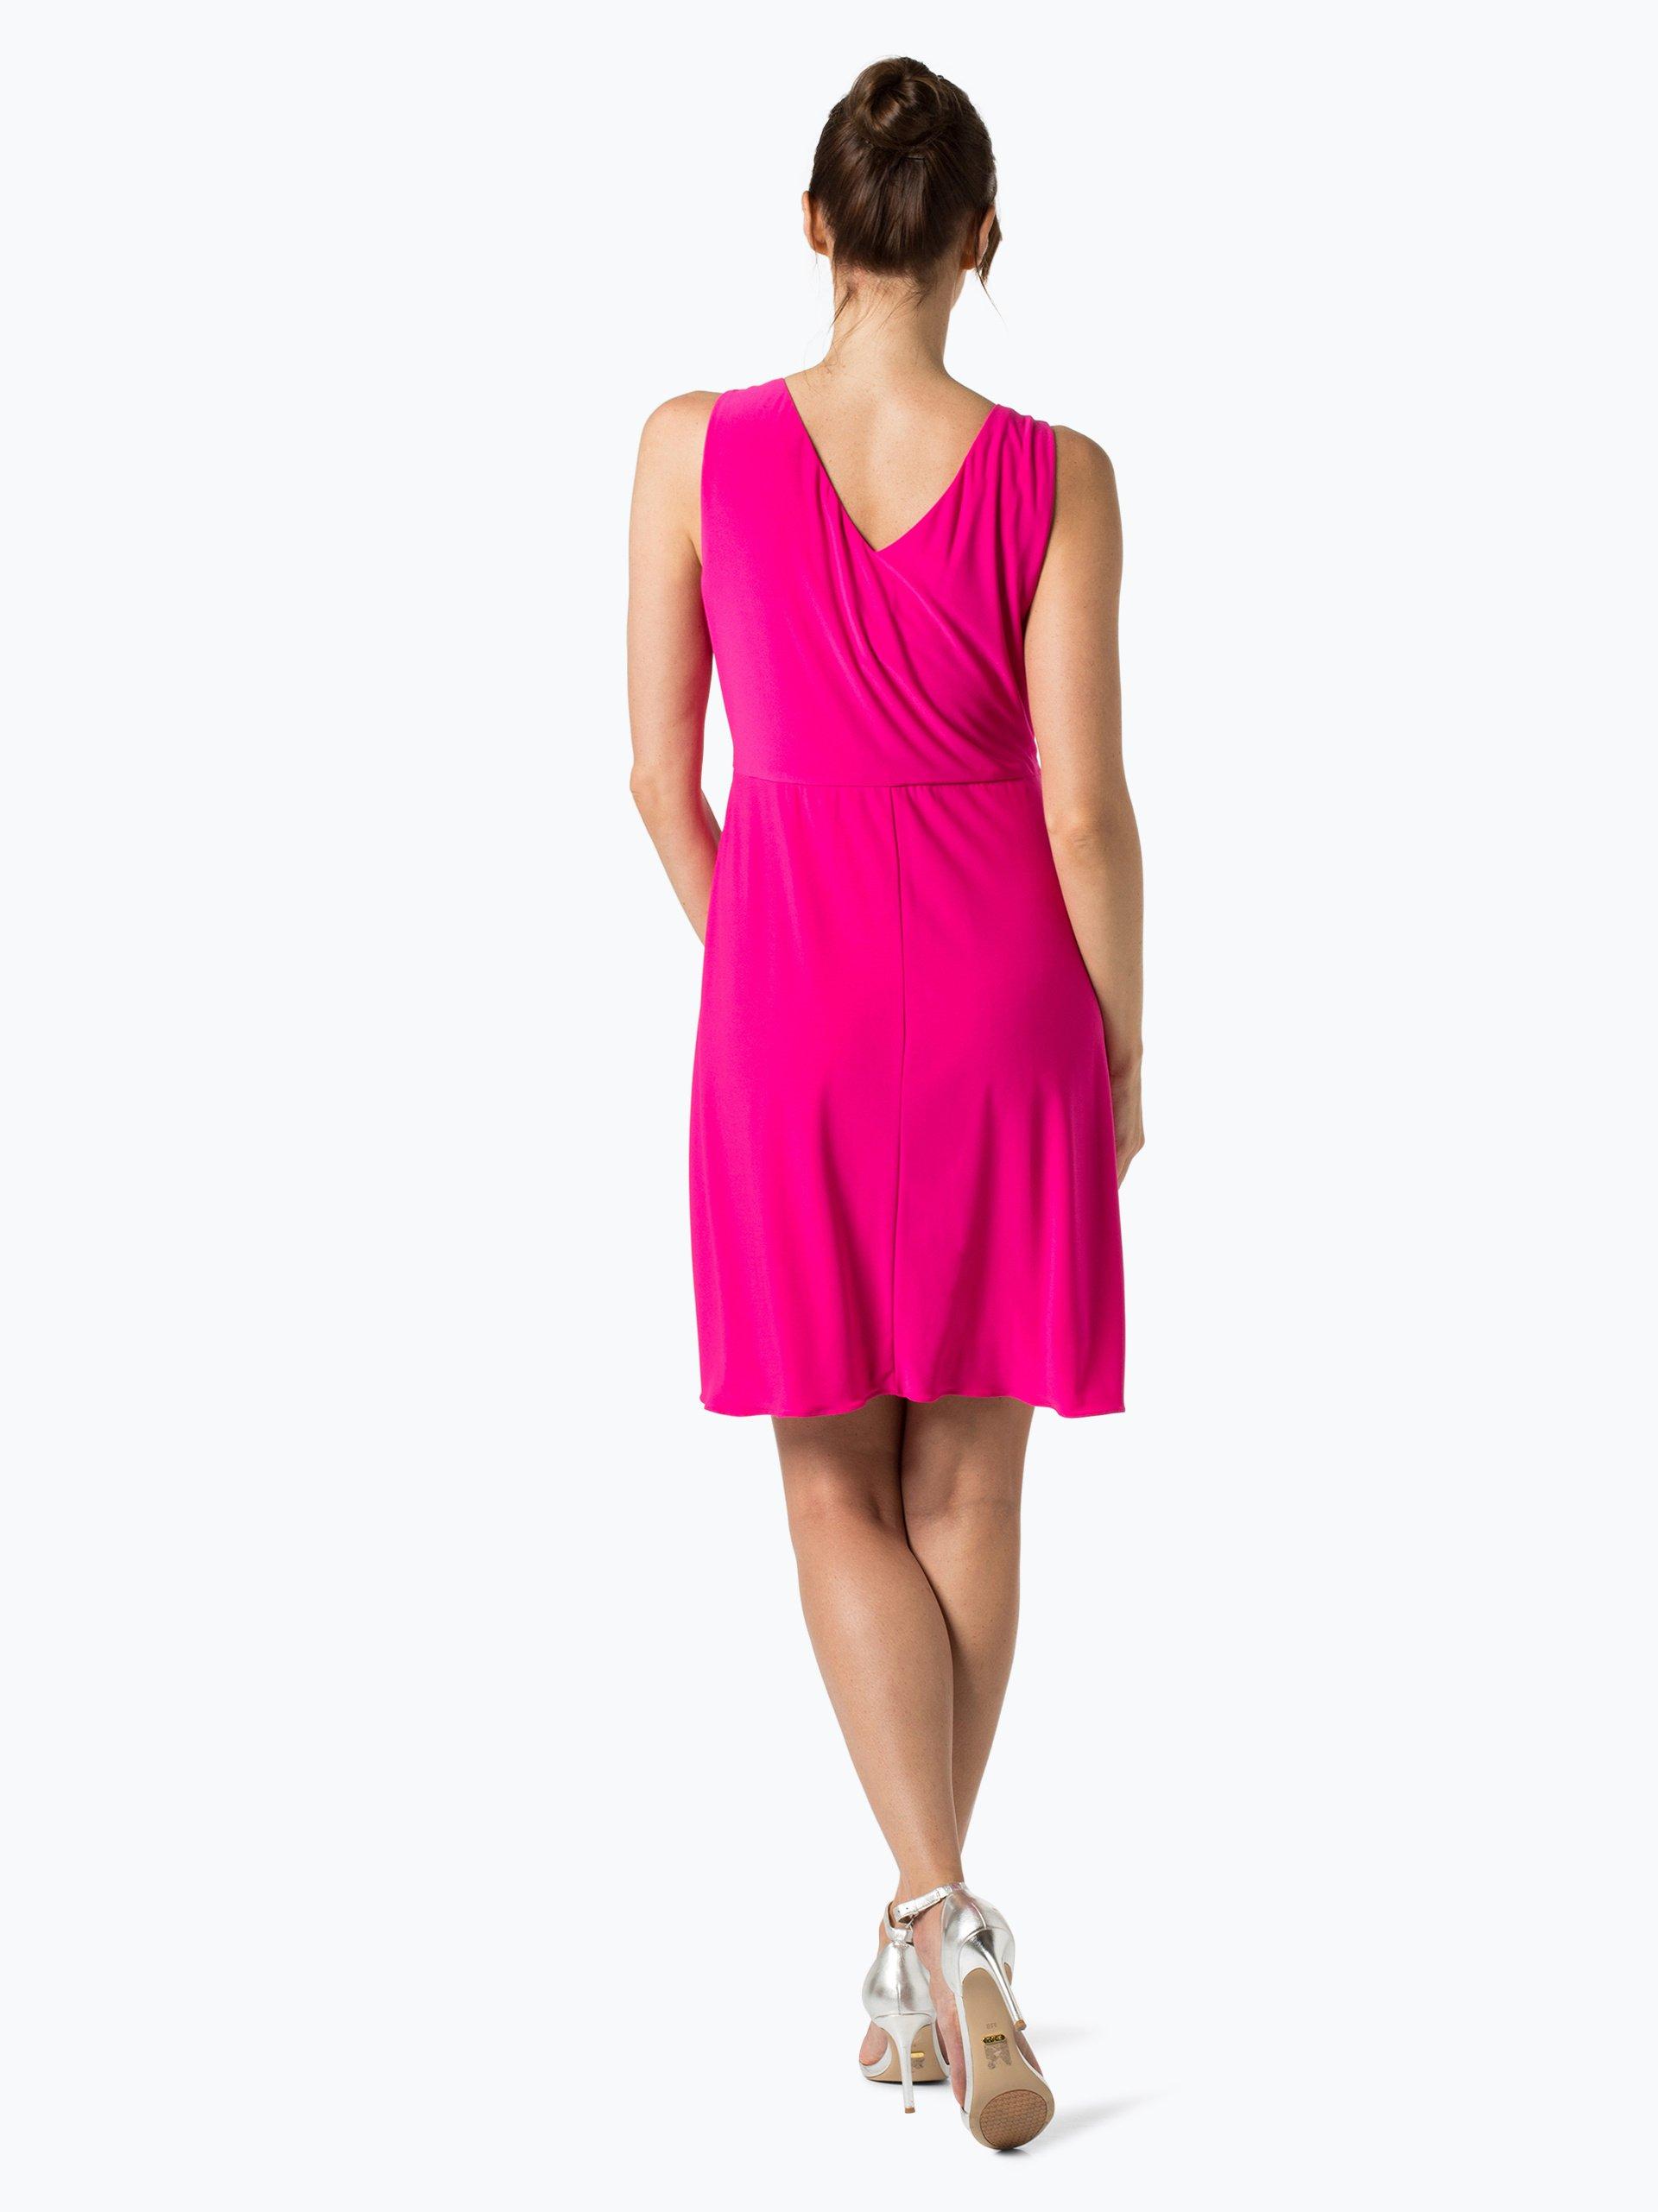 adrianna papell damen kleid pink uni online kaufen. Black Bedroom Furniture Sets. Home Design Ideas